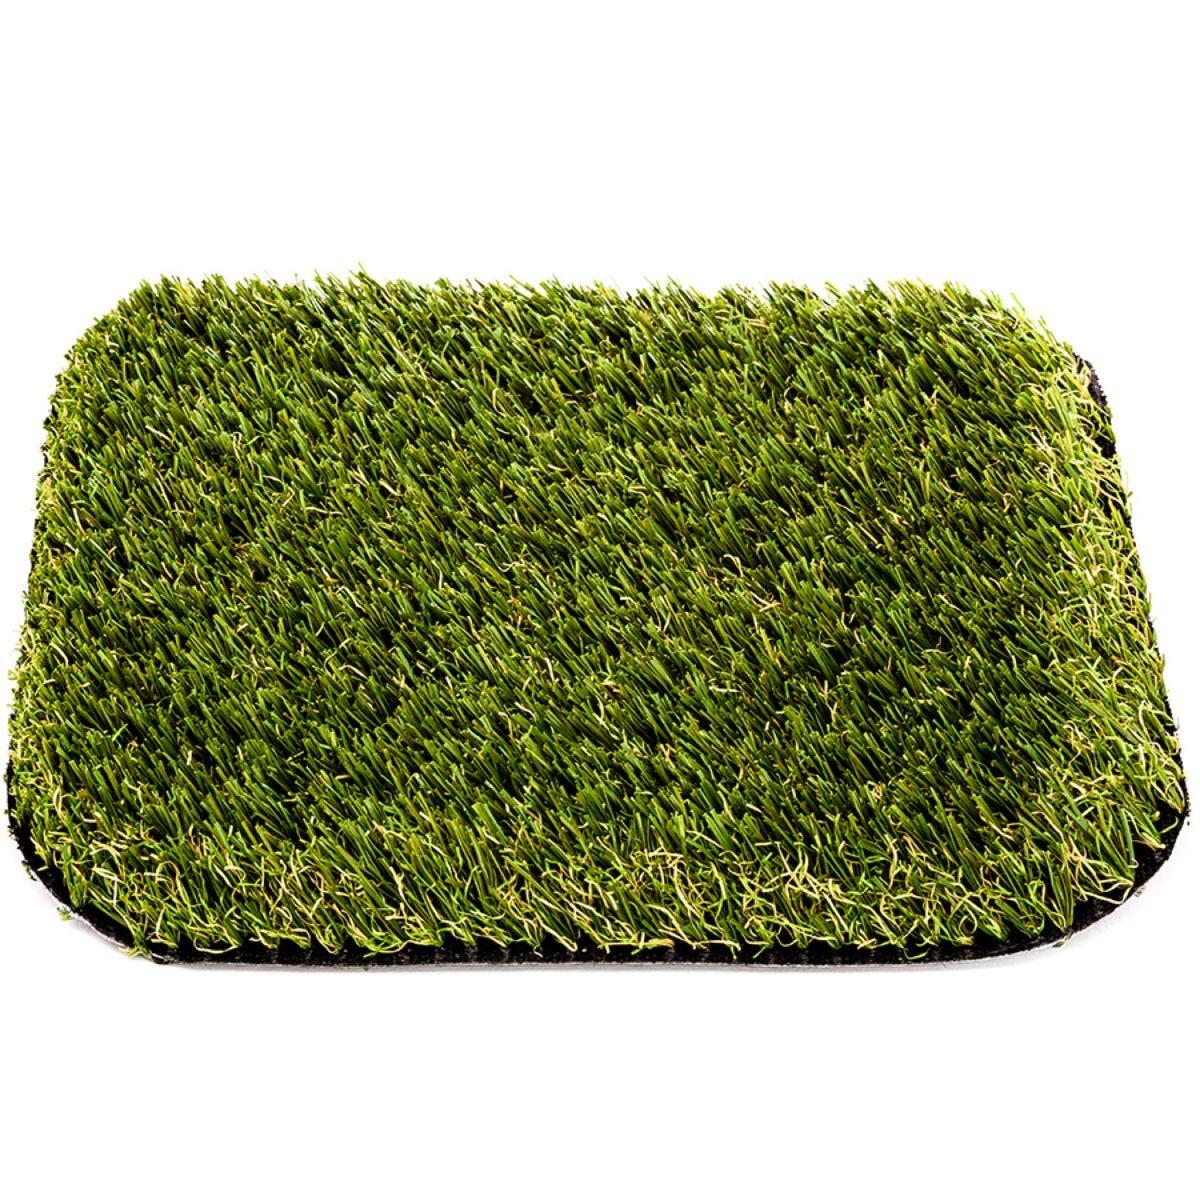 Battersea Artificial Grass - 2 x 6m